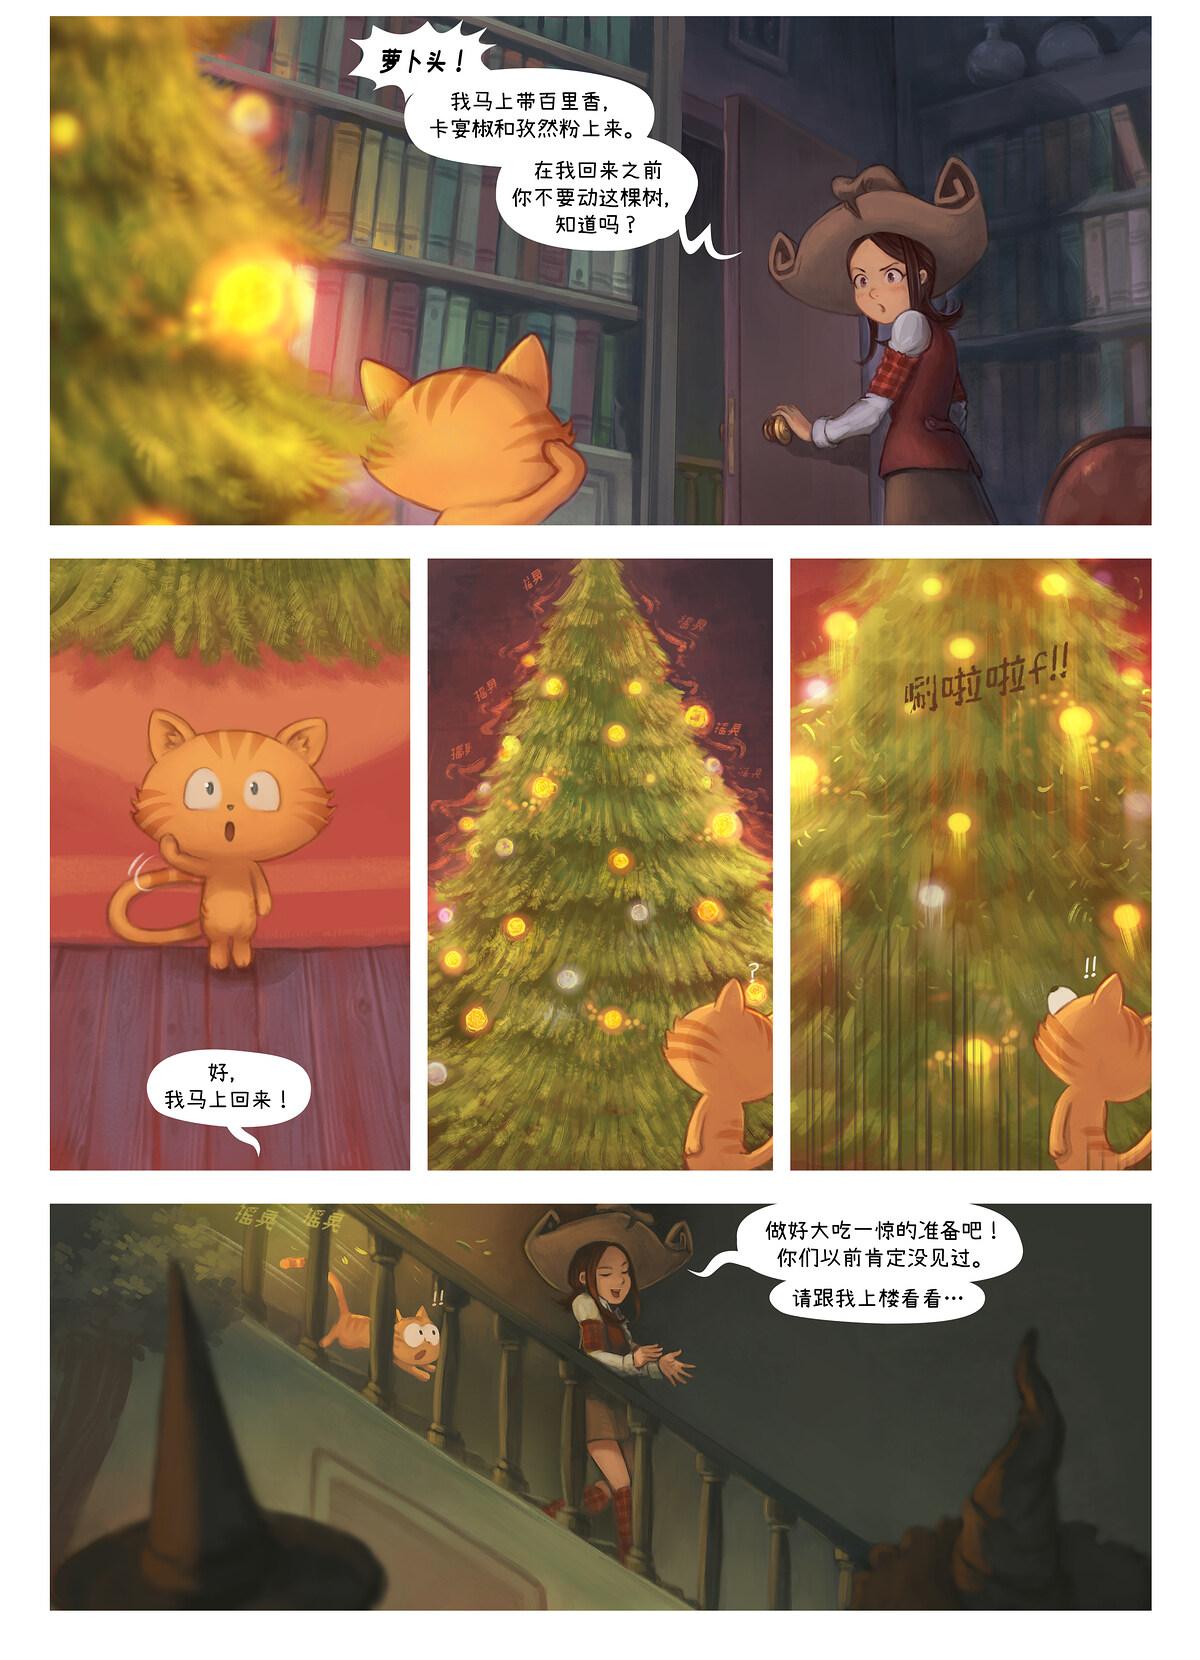 第24集:团结树, Page 6